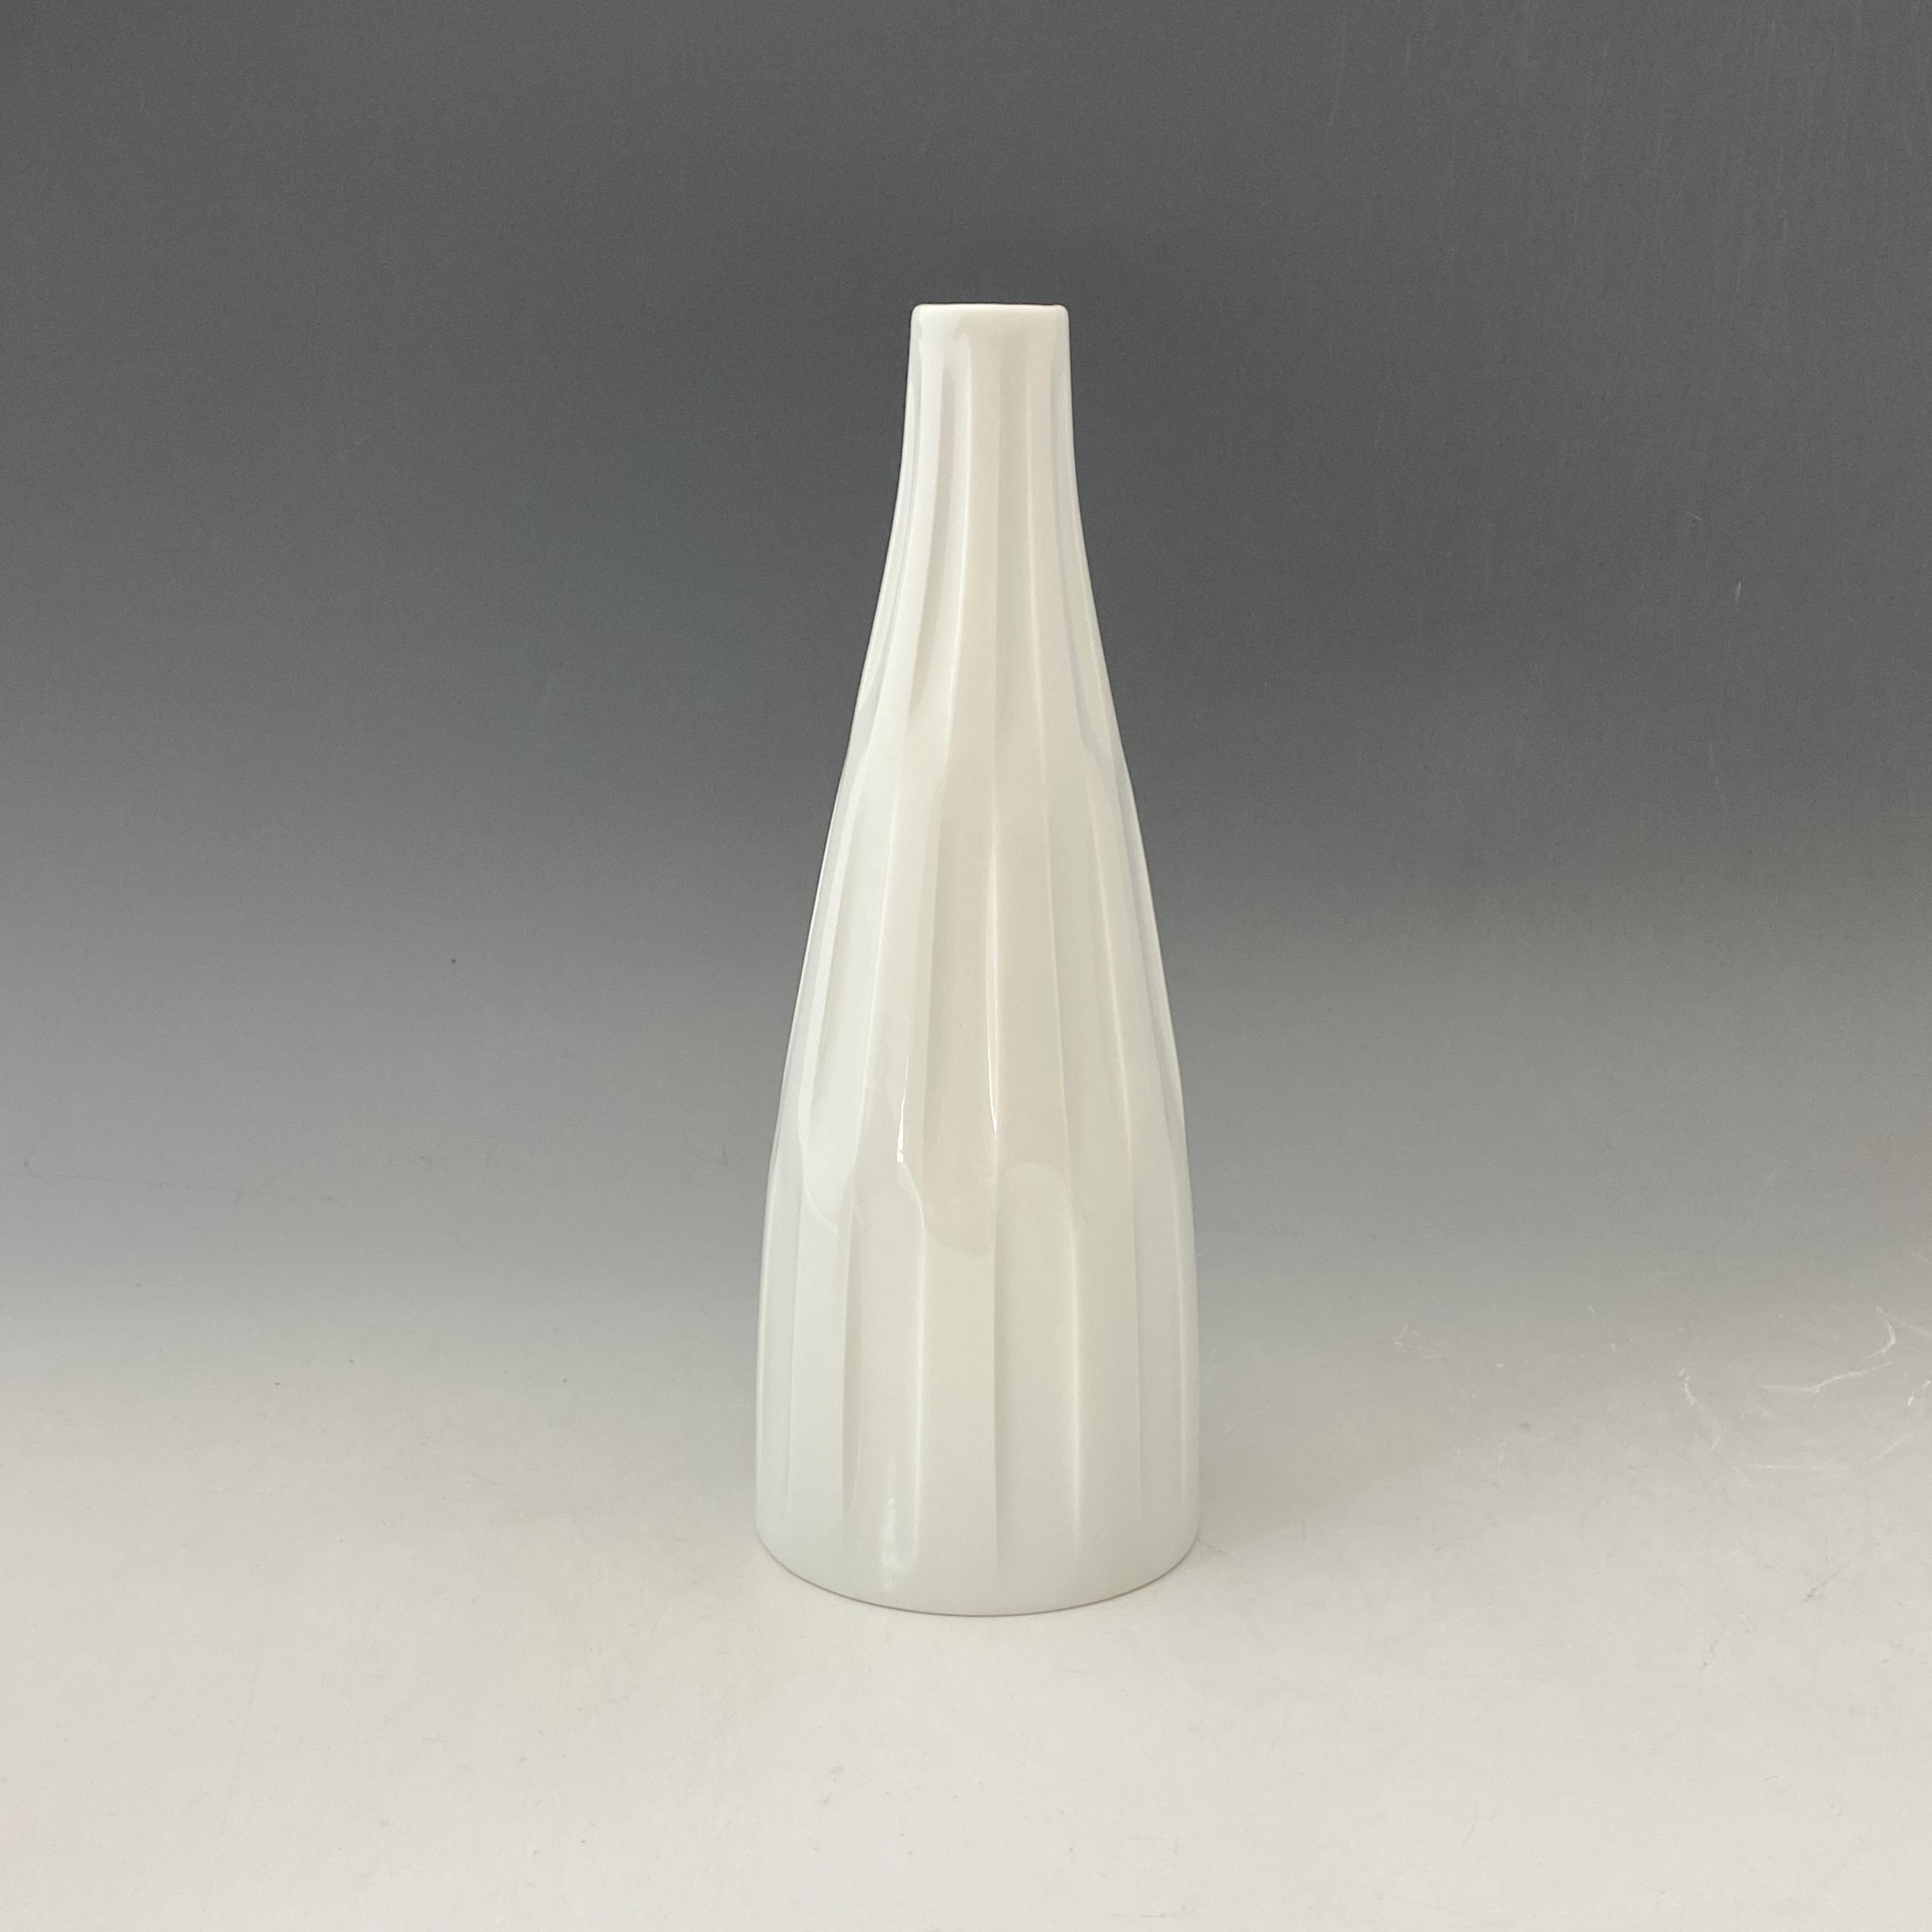 【中尾純】白磁線彫花器